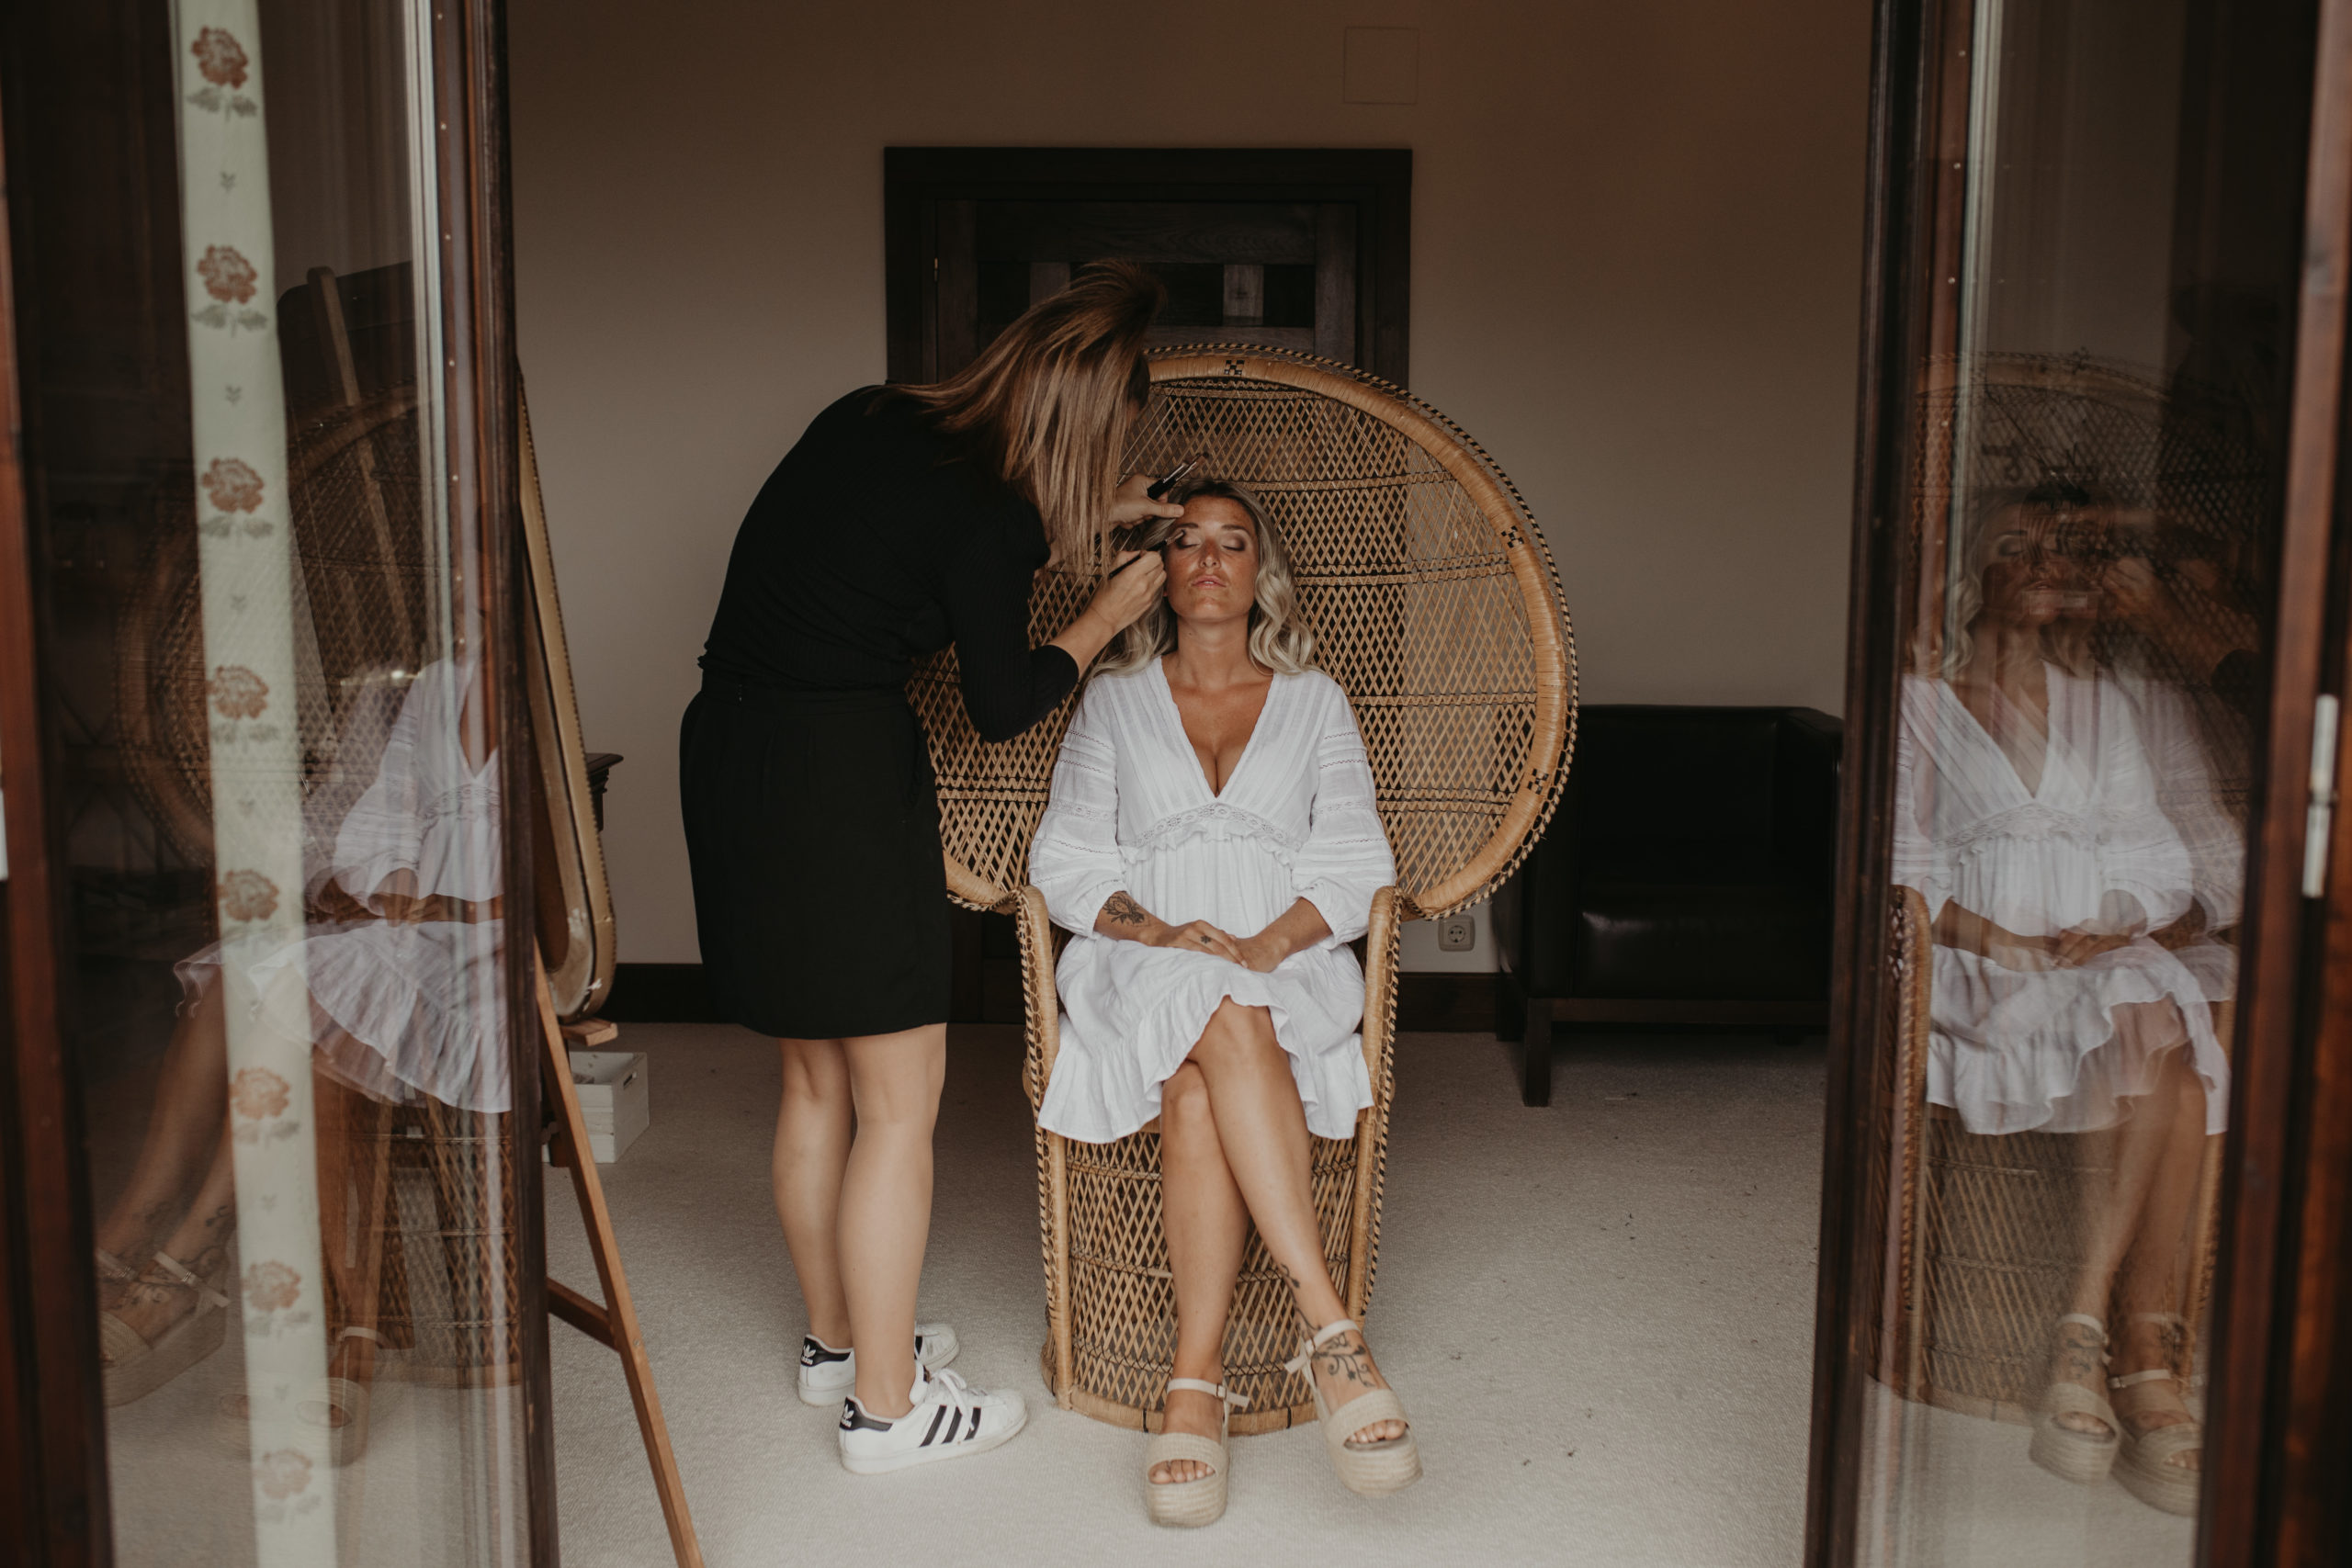 Maquilladora maquillando a la novia el día de su boda